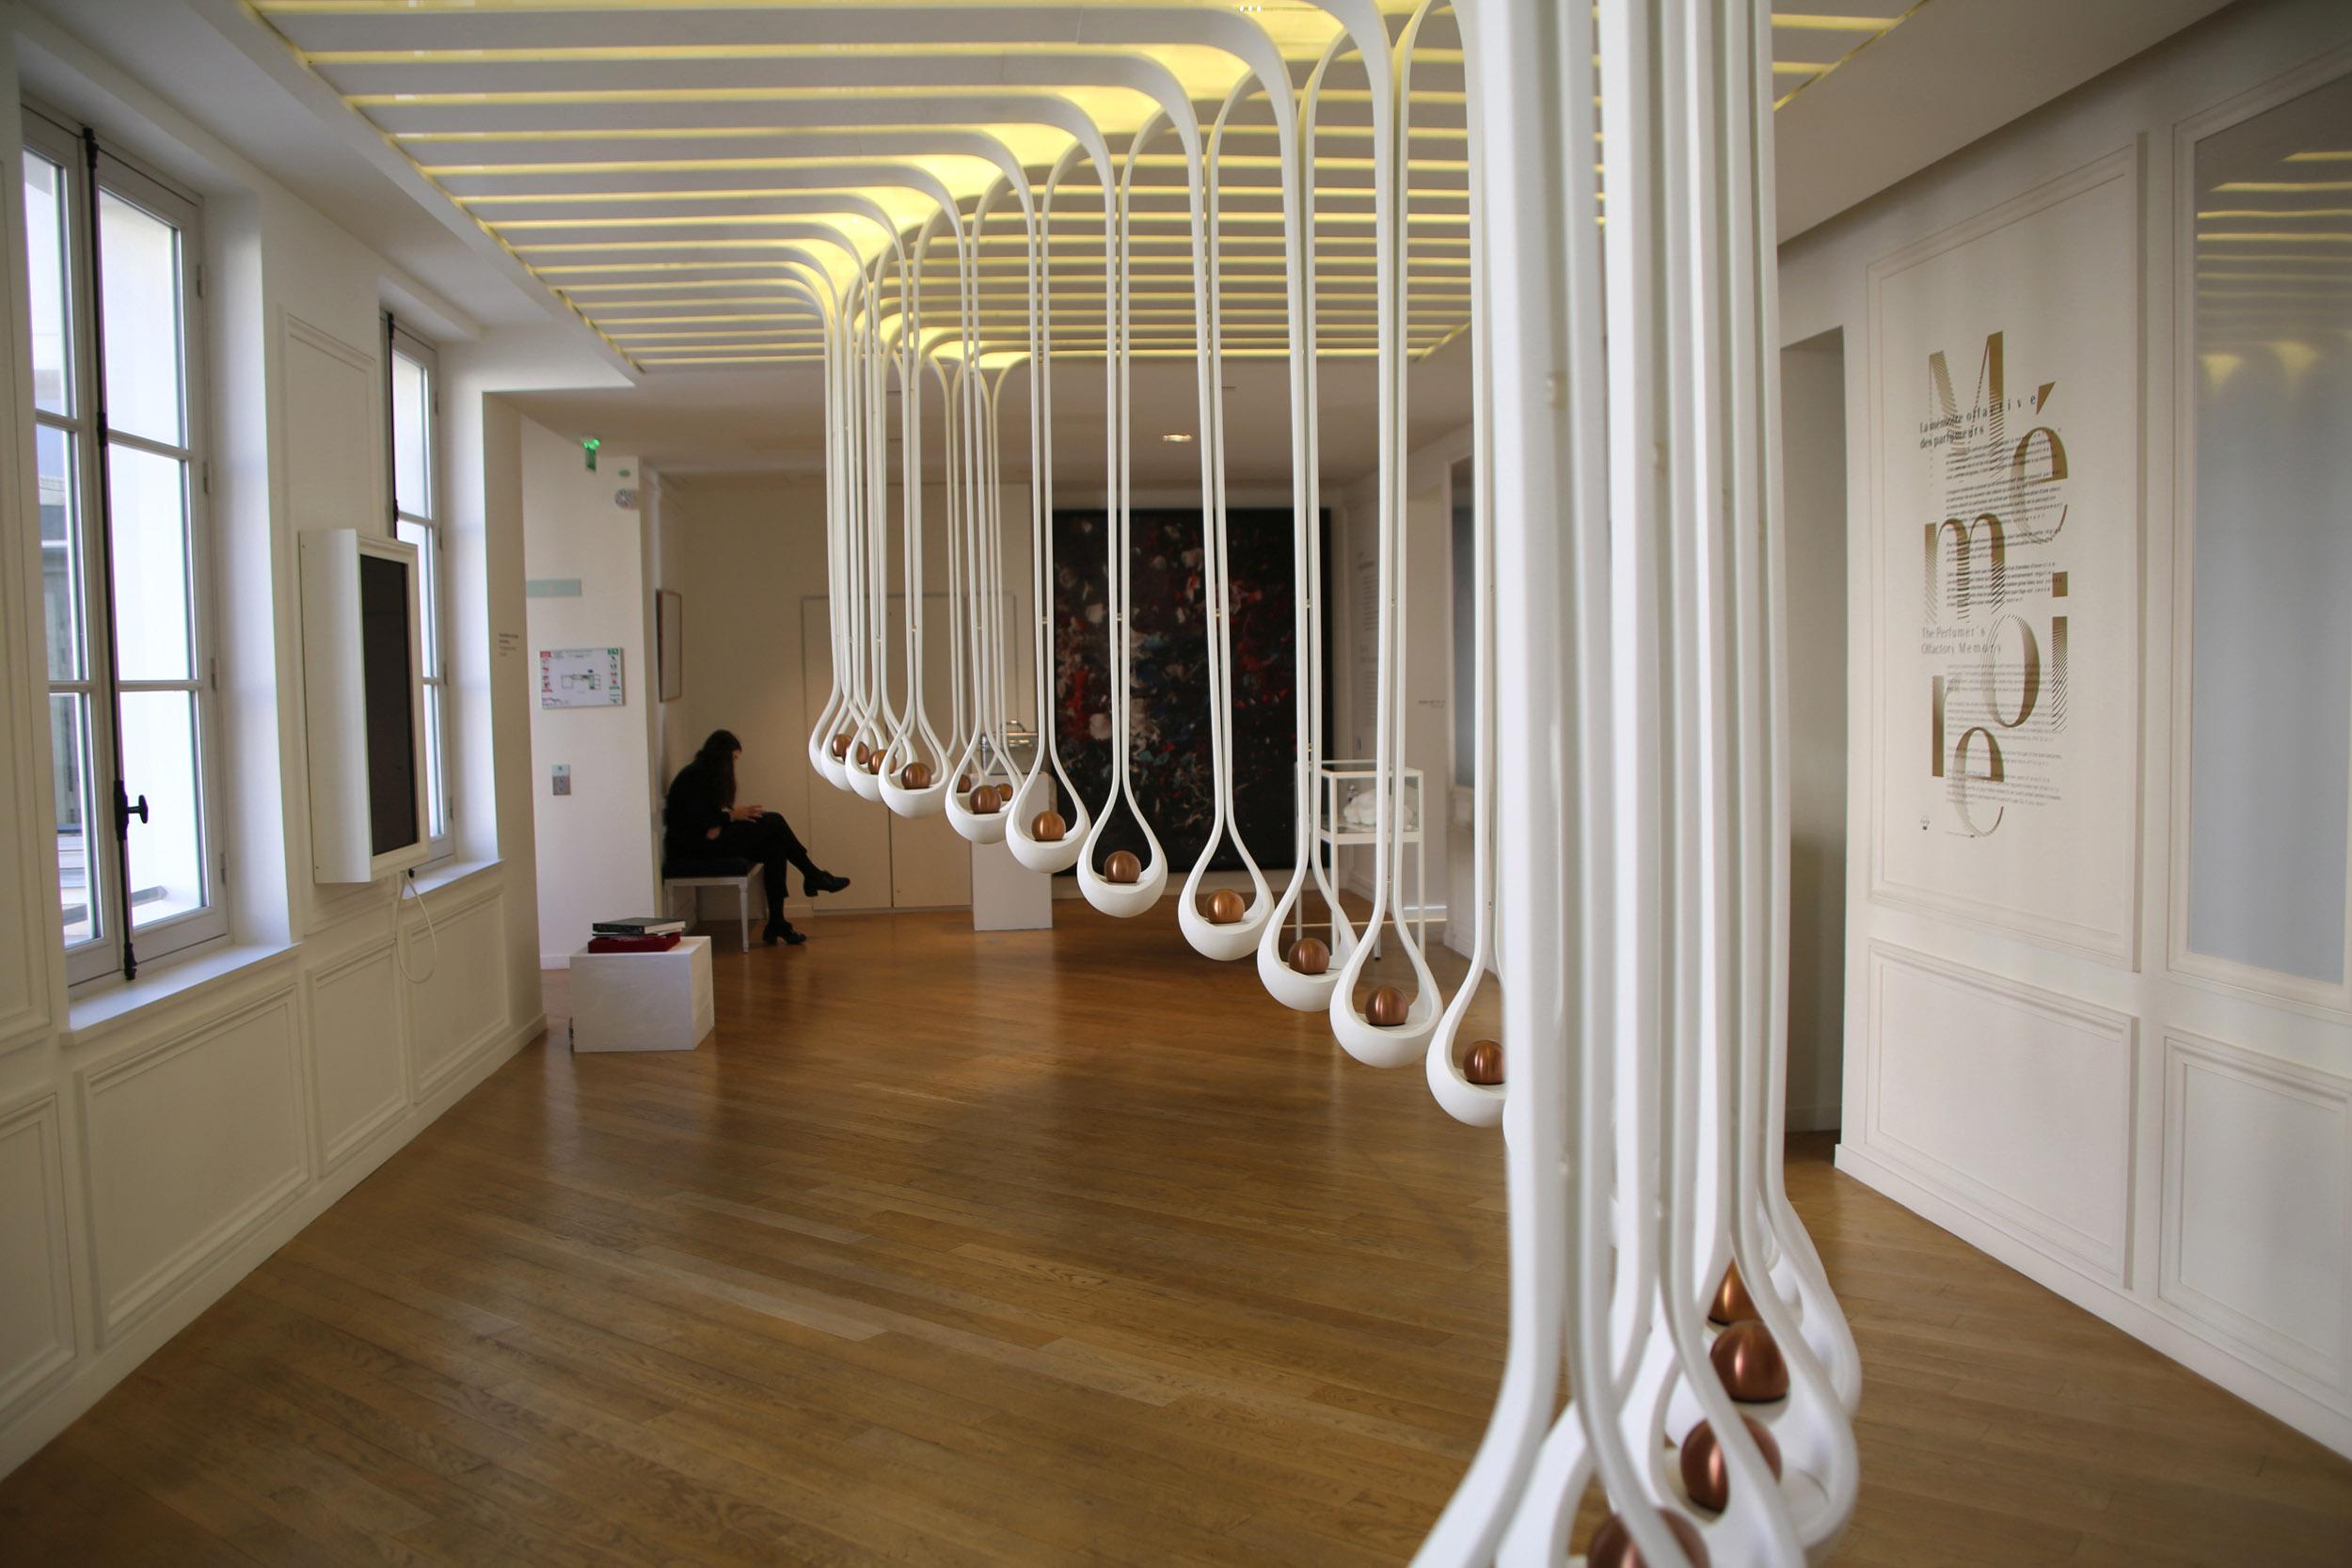 MUSEE PARFUM PARIS 093.JPG